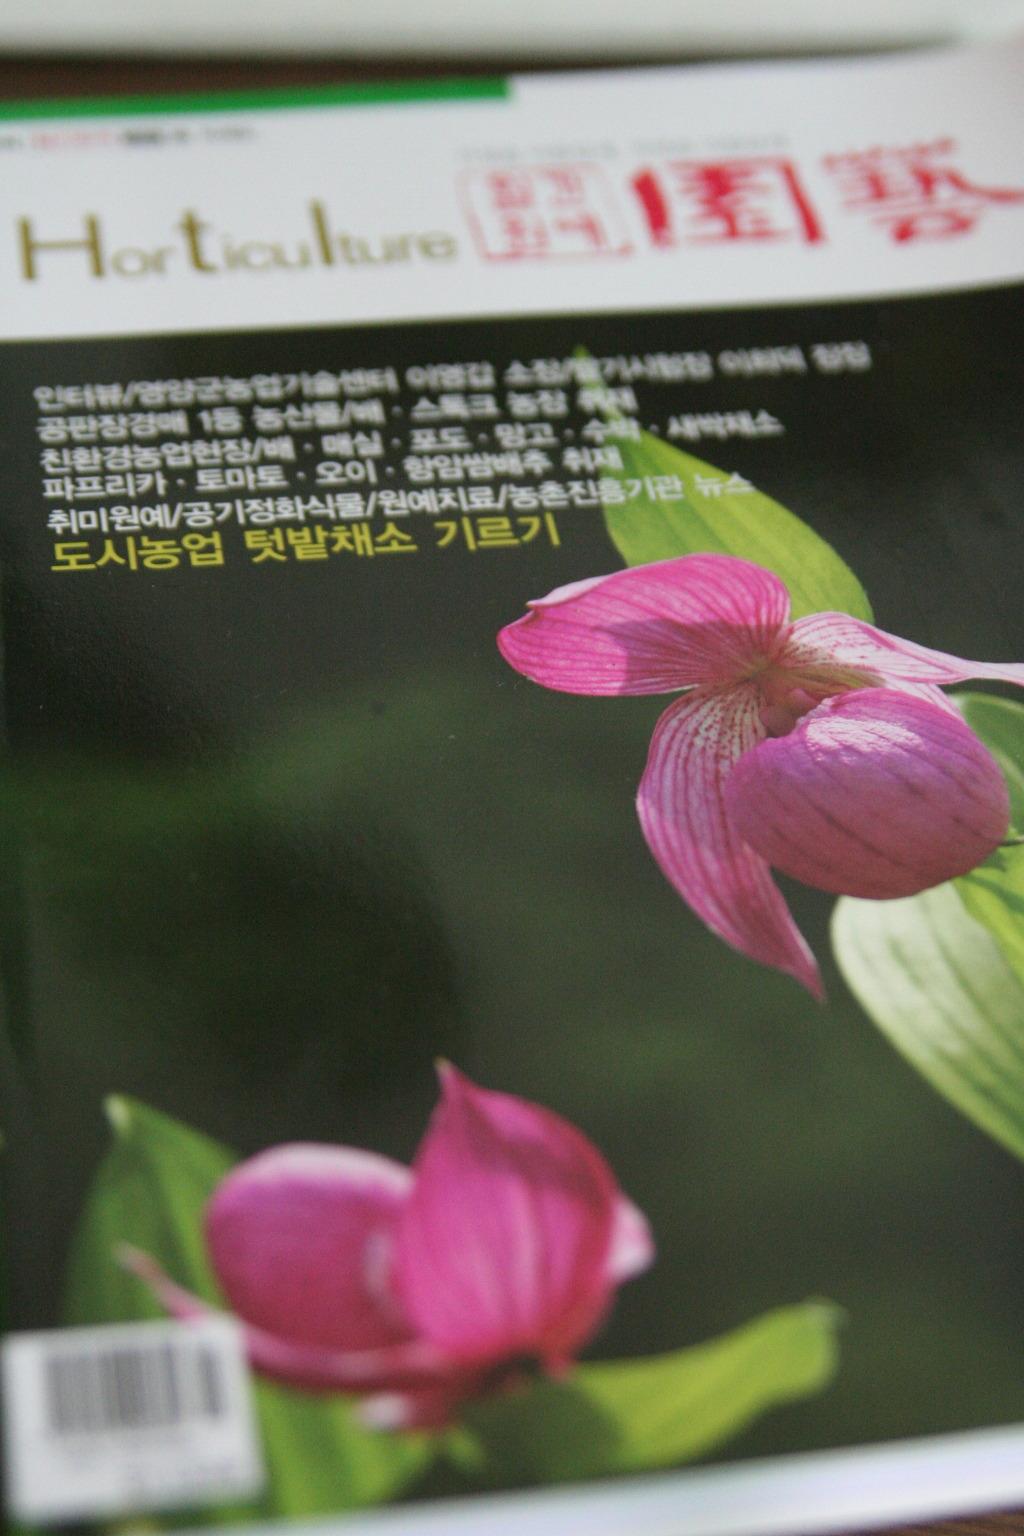 베란다텃밭 블로거, 잡지에 실렸네요 ^^